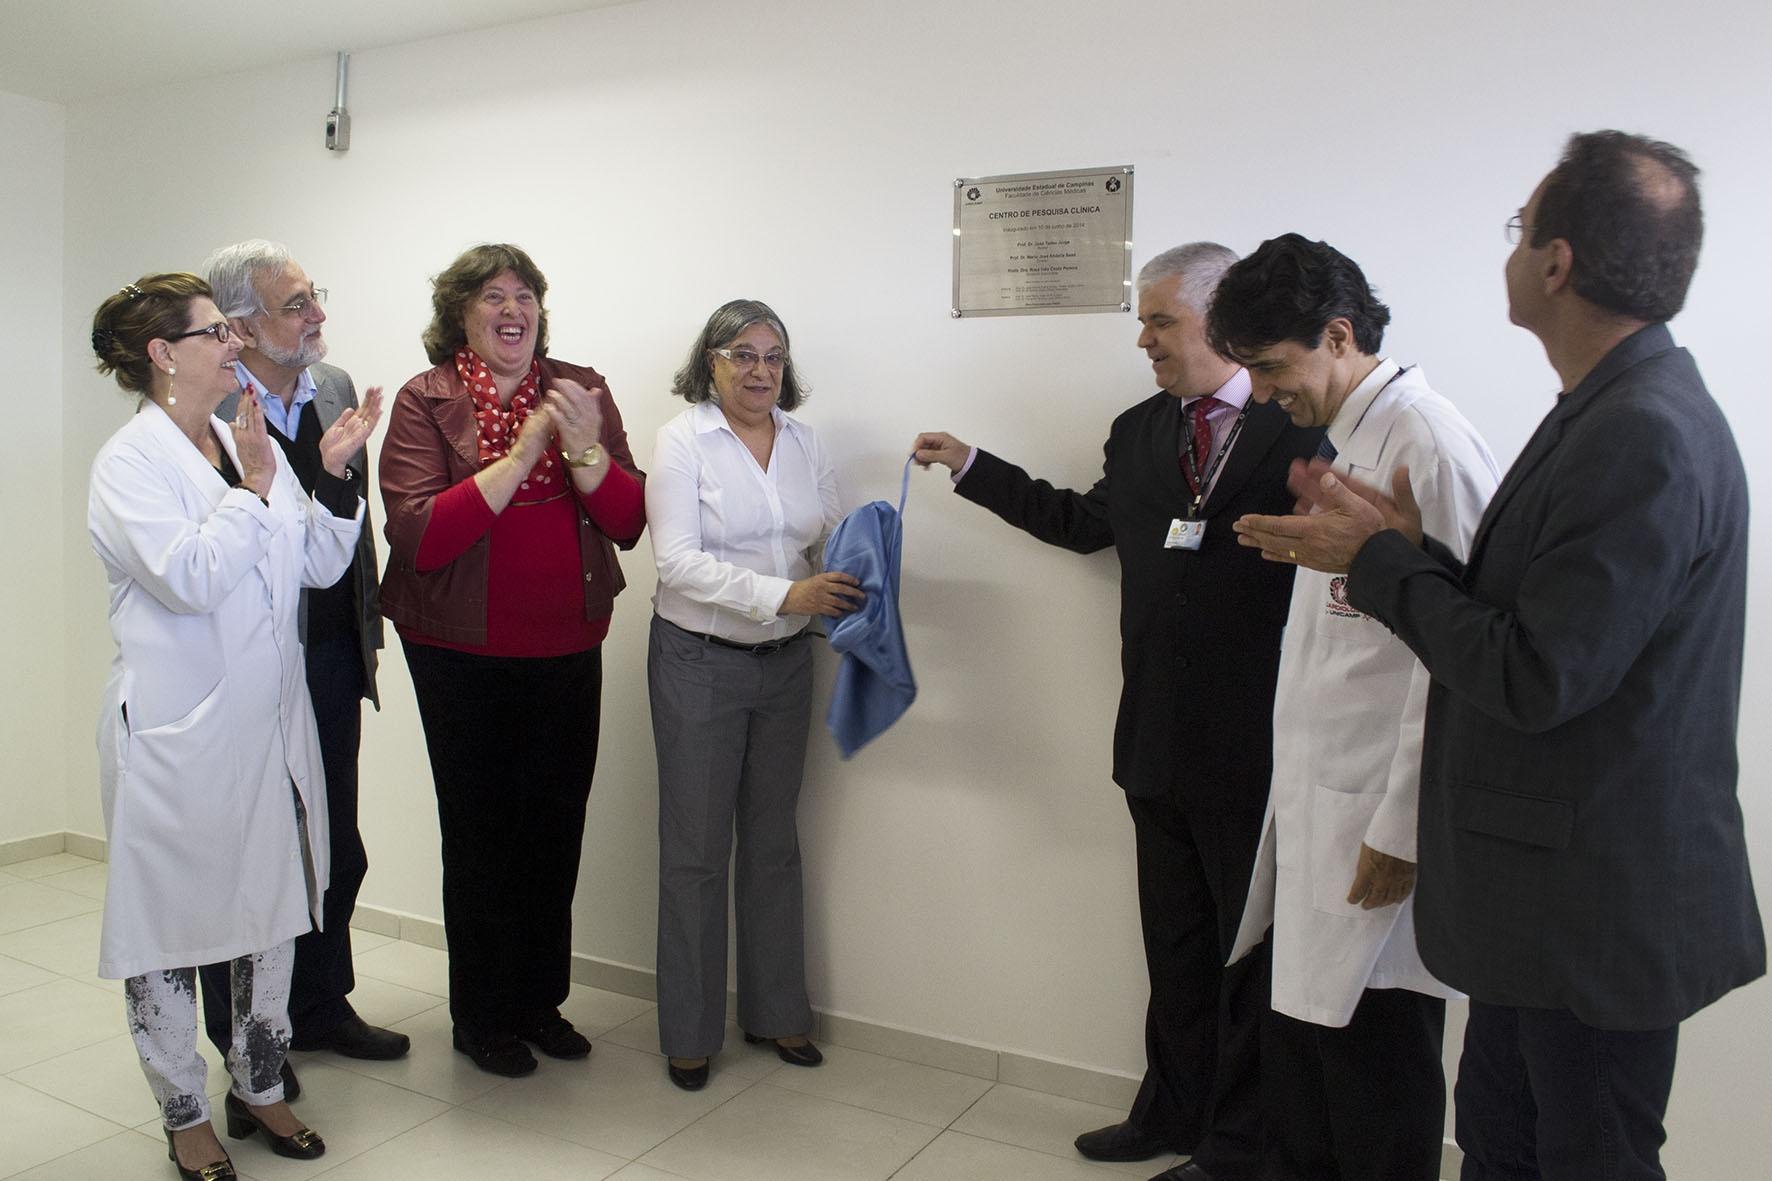 Descerramento da placa de inauguração do CPC. Foto: Marcelo Oliveira. CADCC-FCM/Unicamp